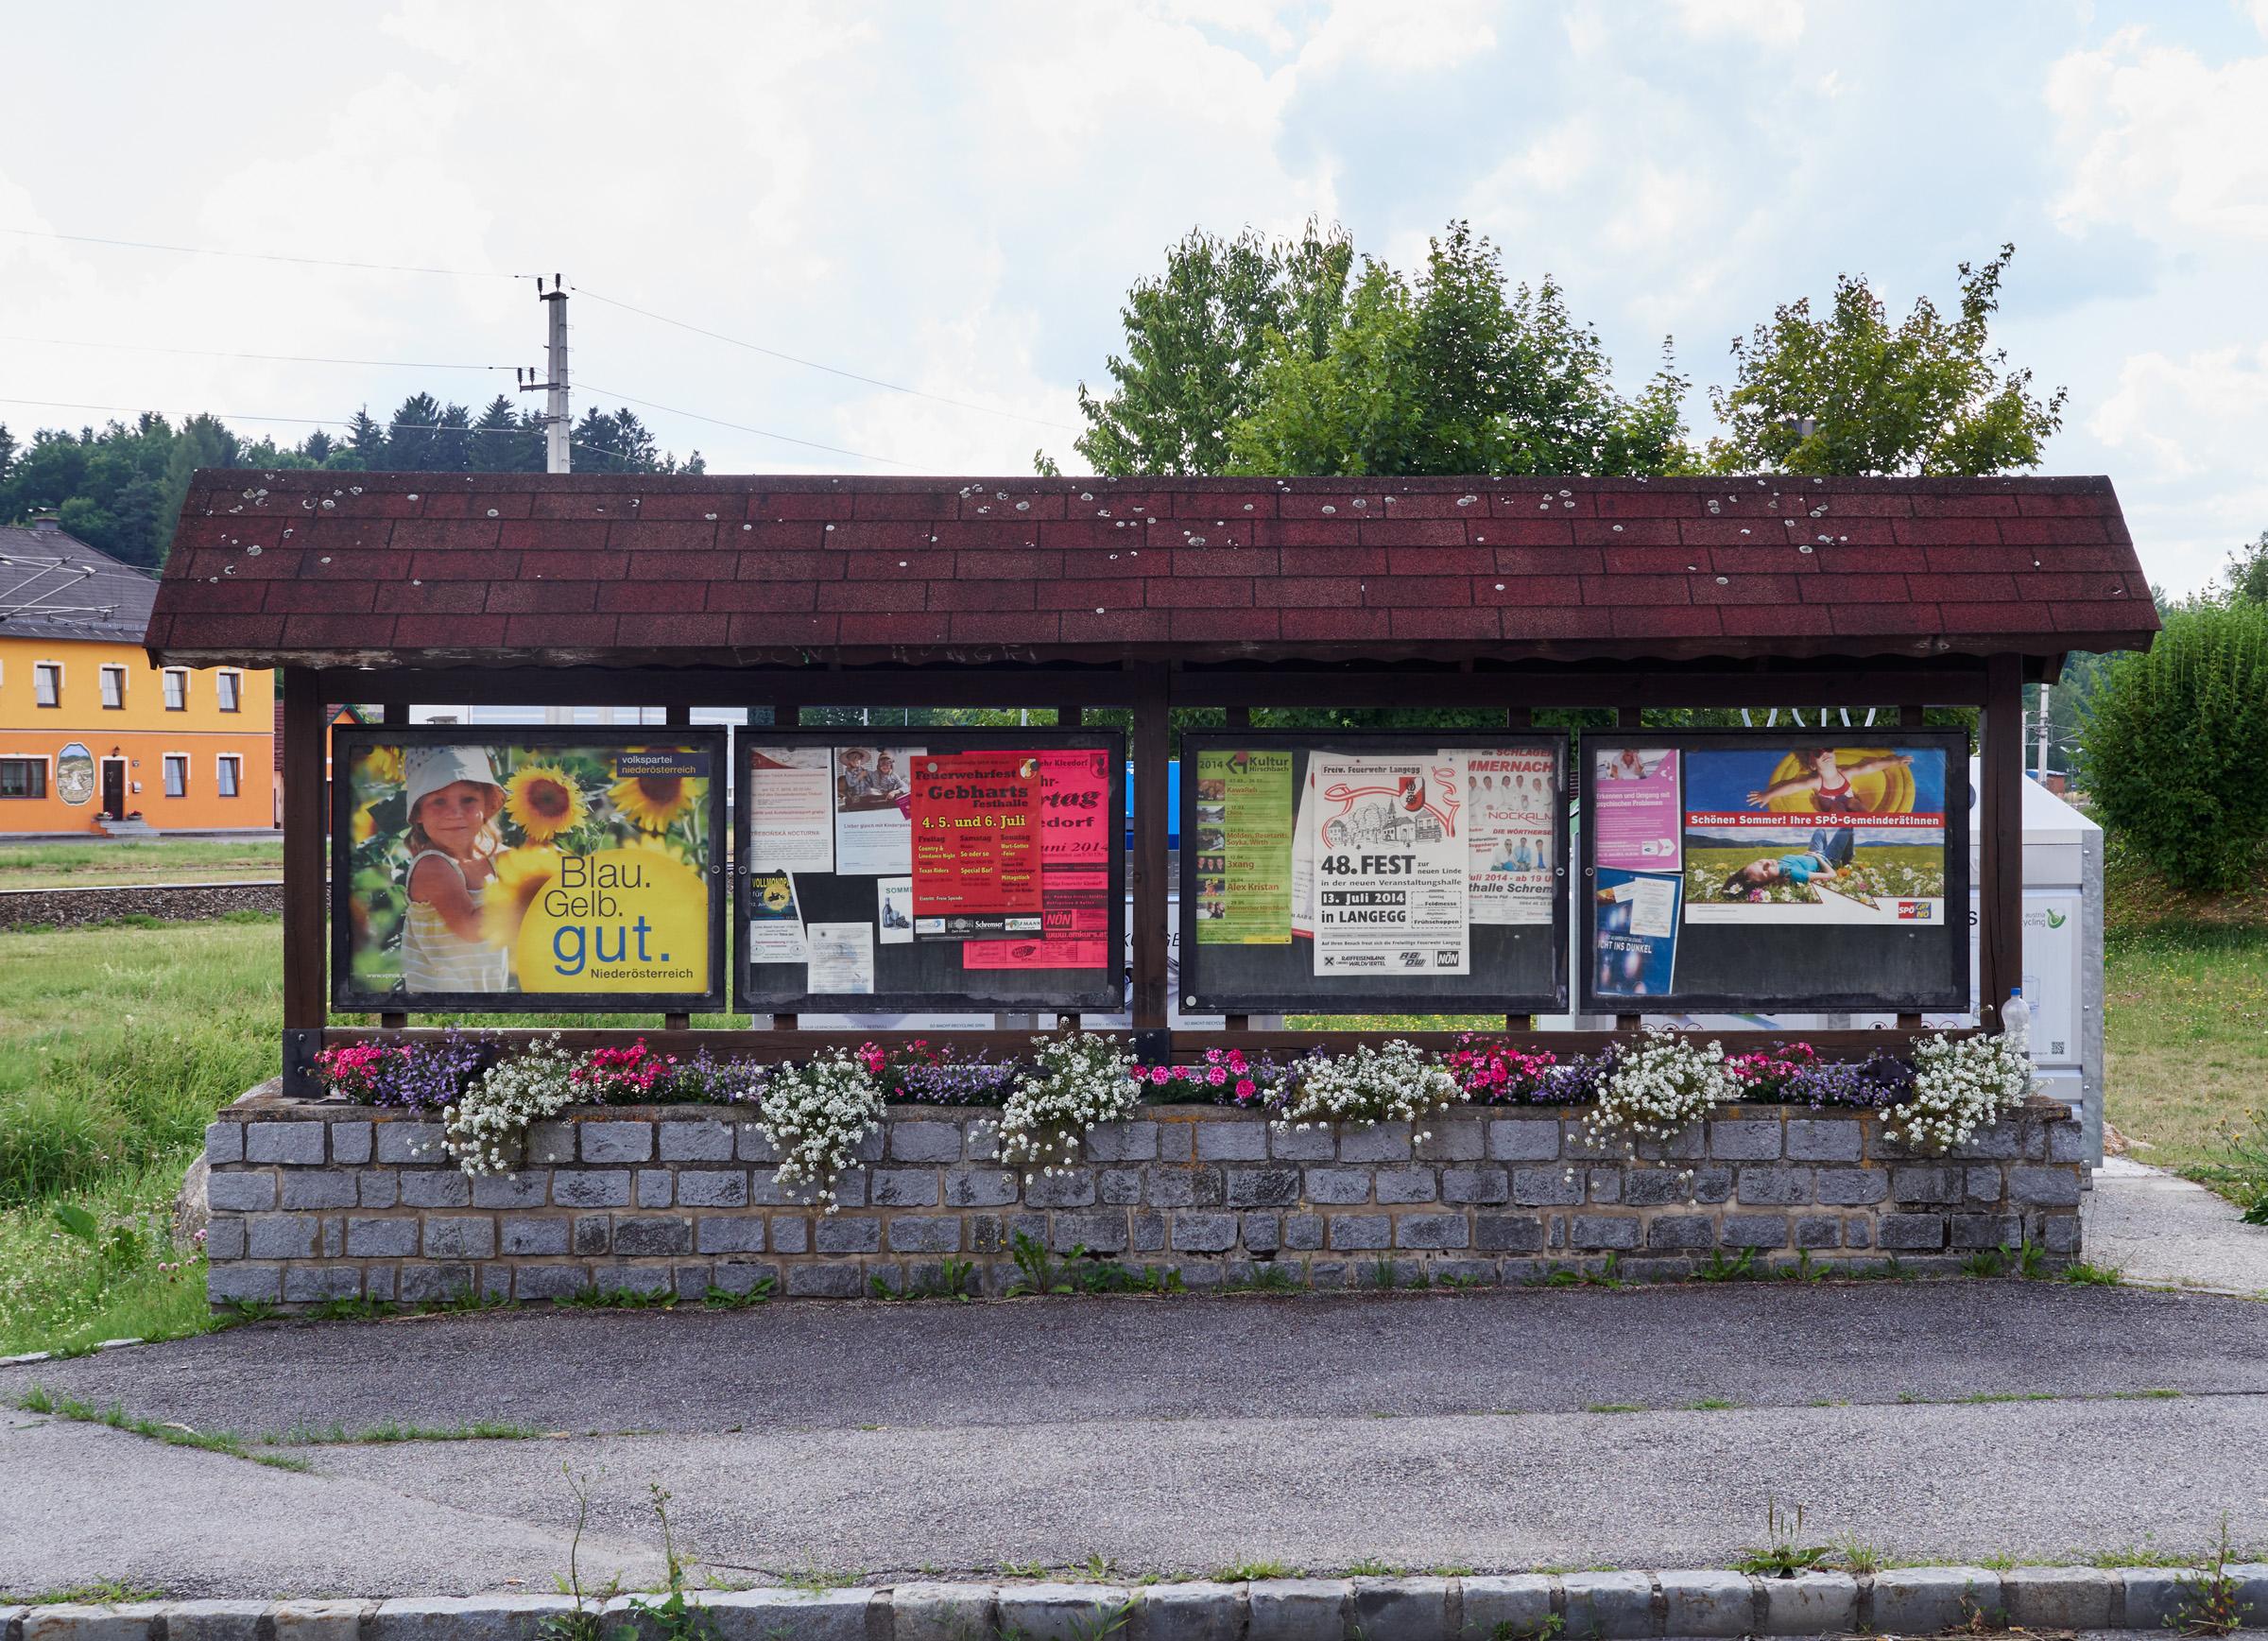 Pürbach nah 2014-07-07.jpg